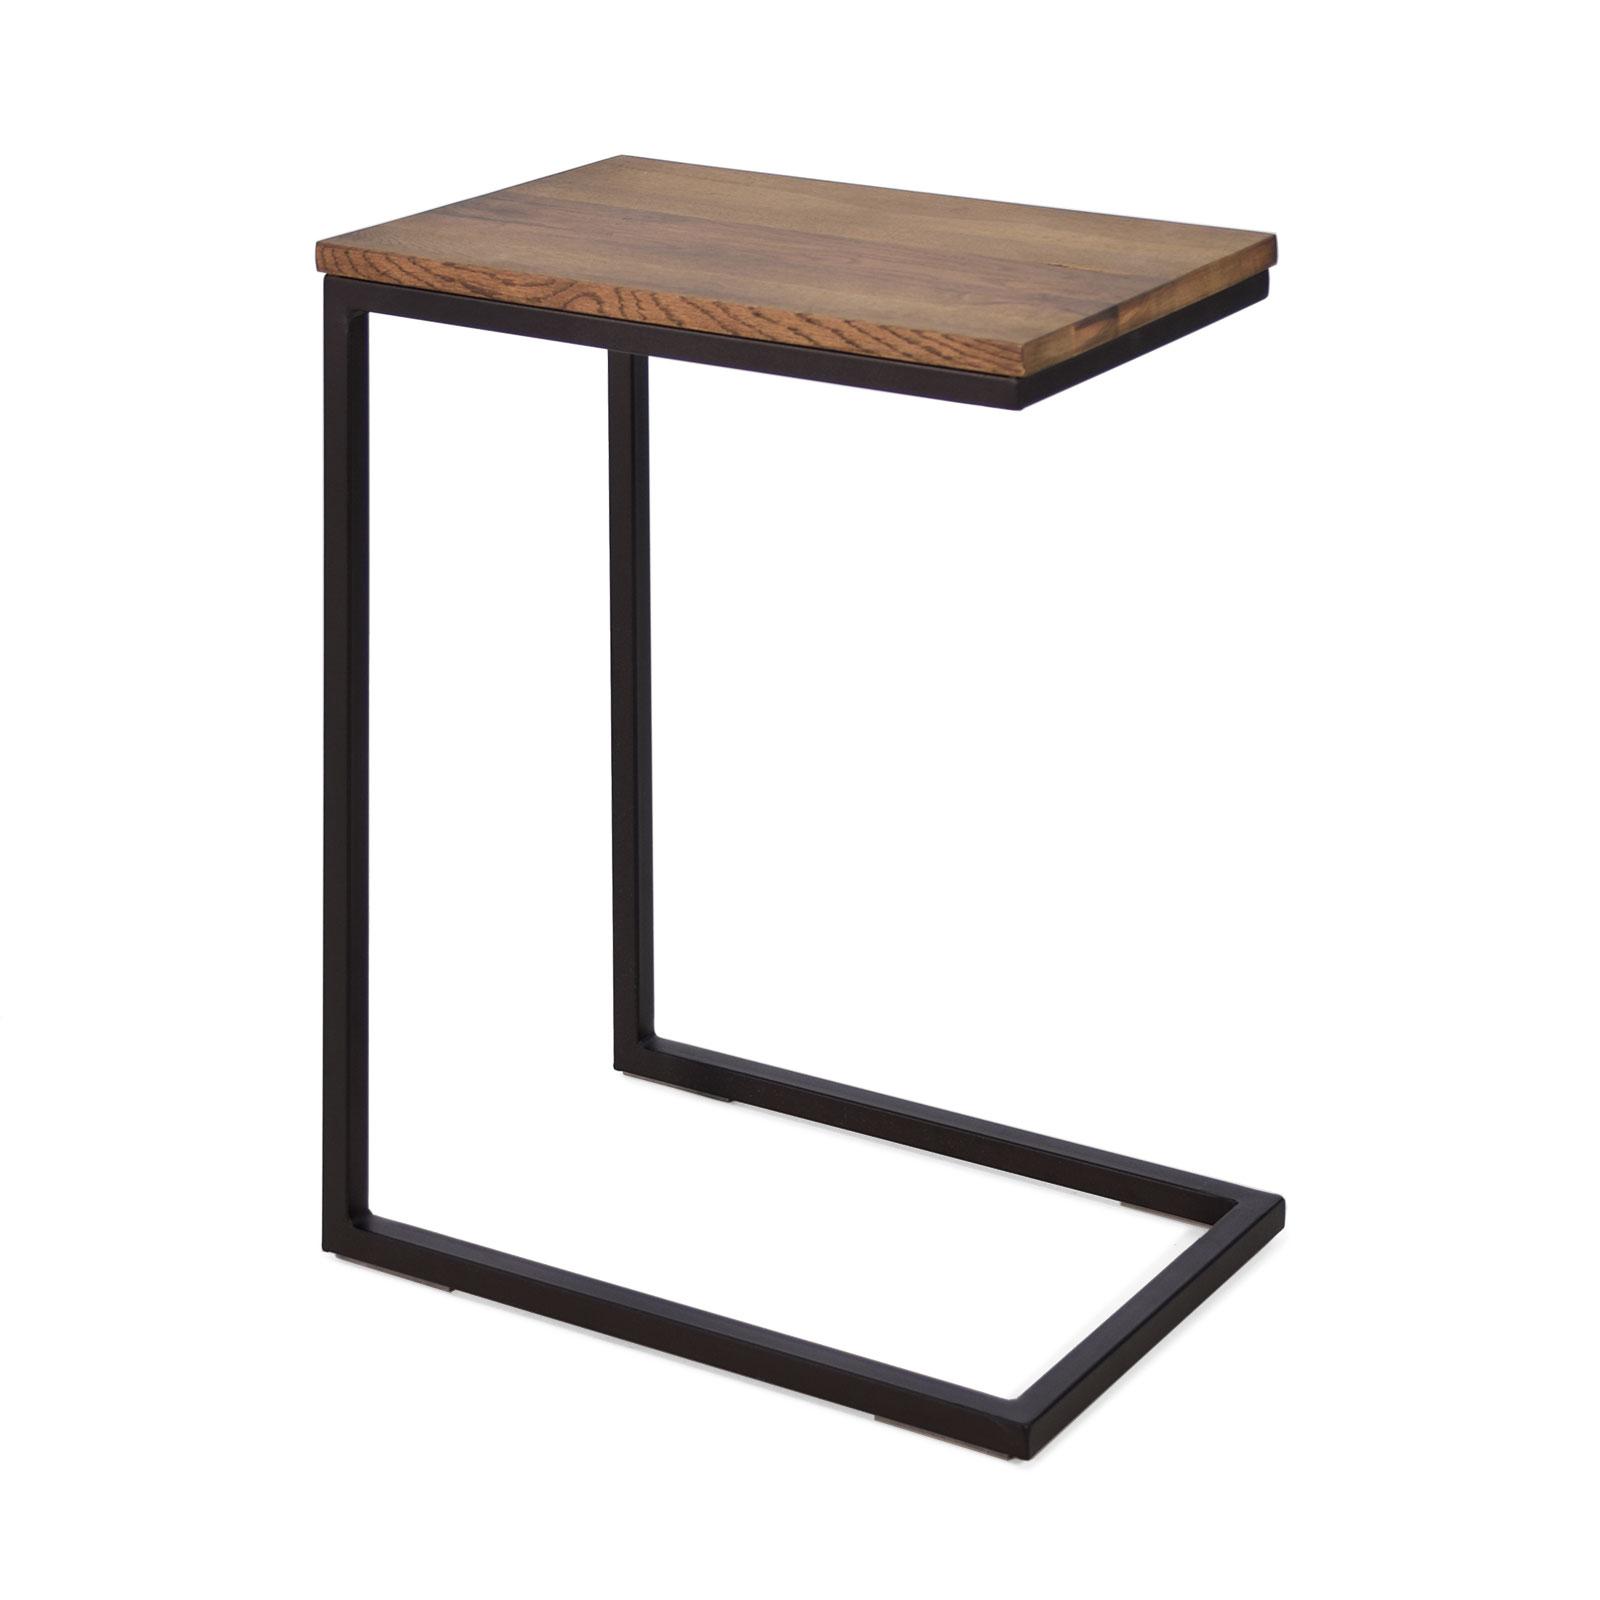 beistelltisch sofa cube aus metall und eiche in braun oder. Black Bedroom Furniture Sets. Home Design Ideas